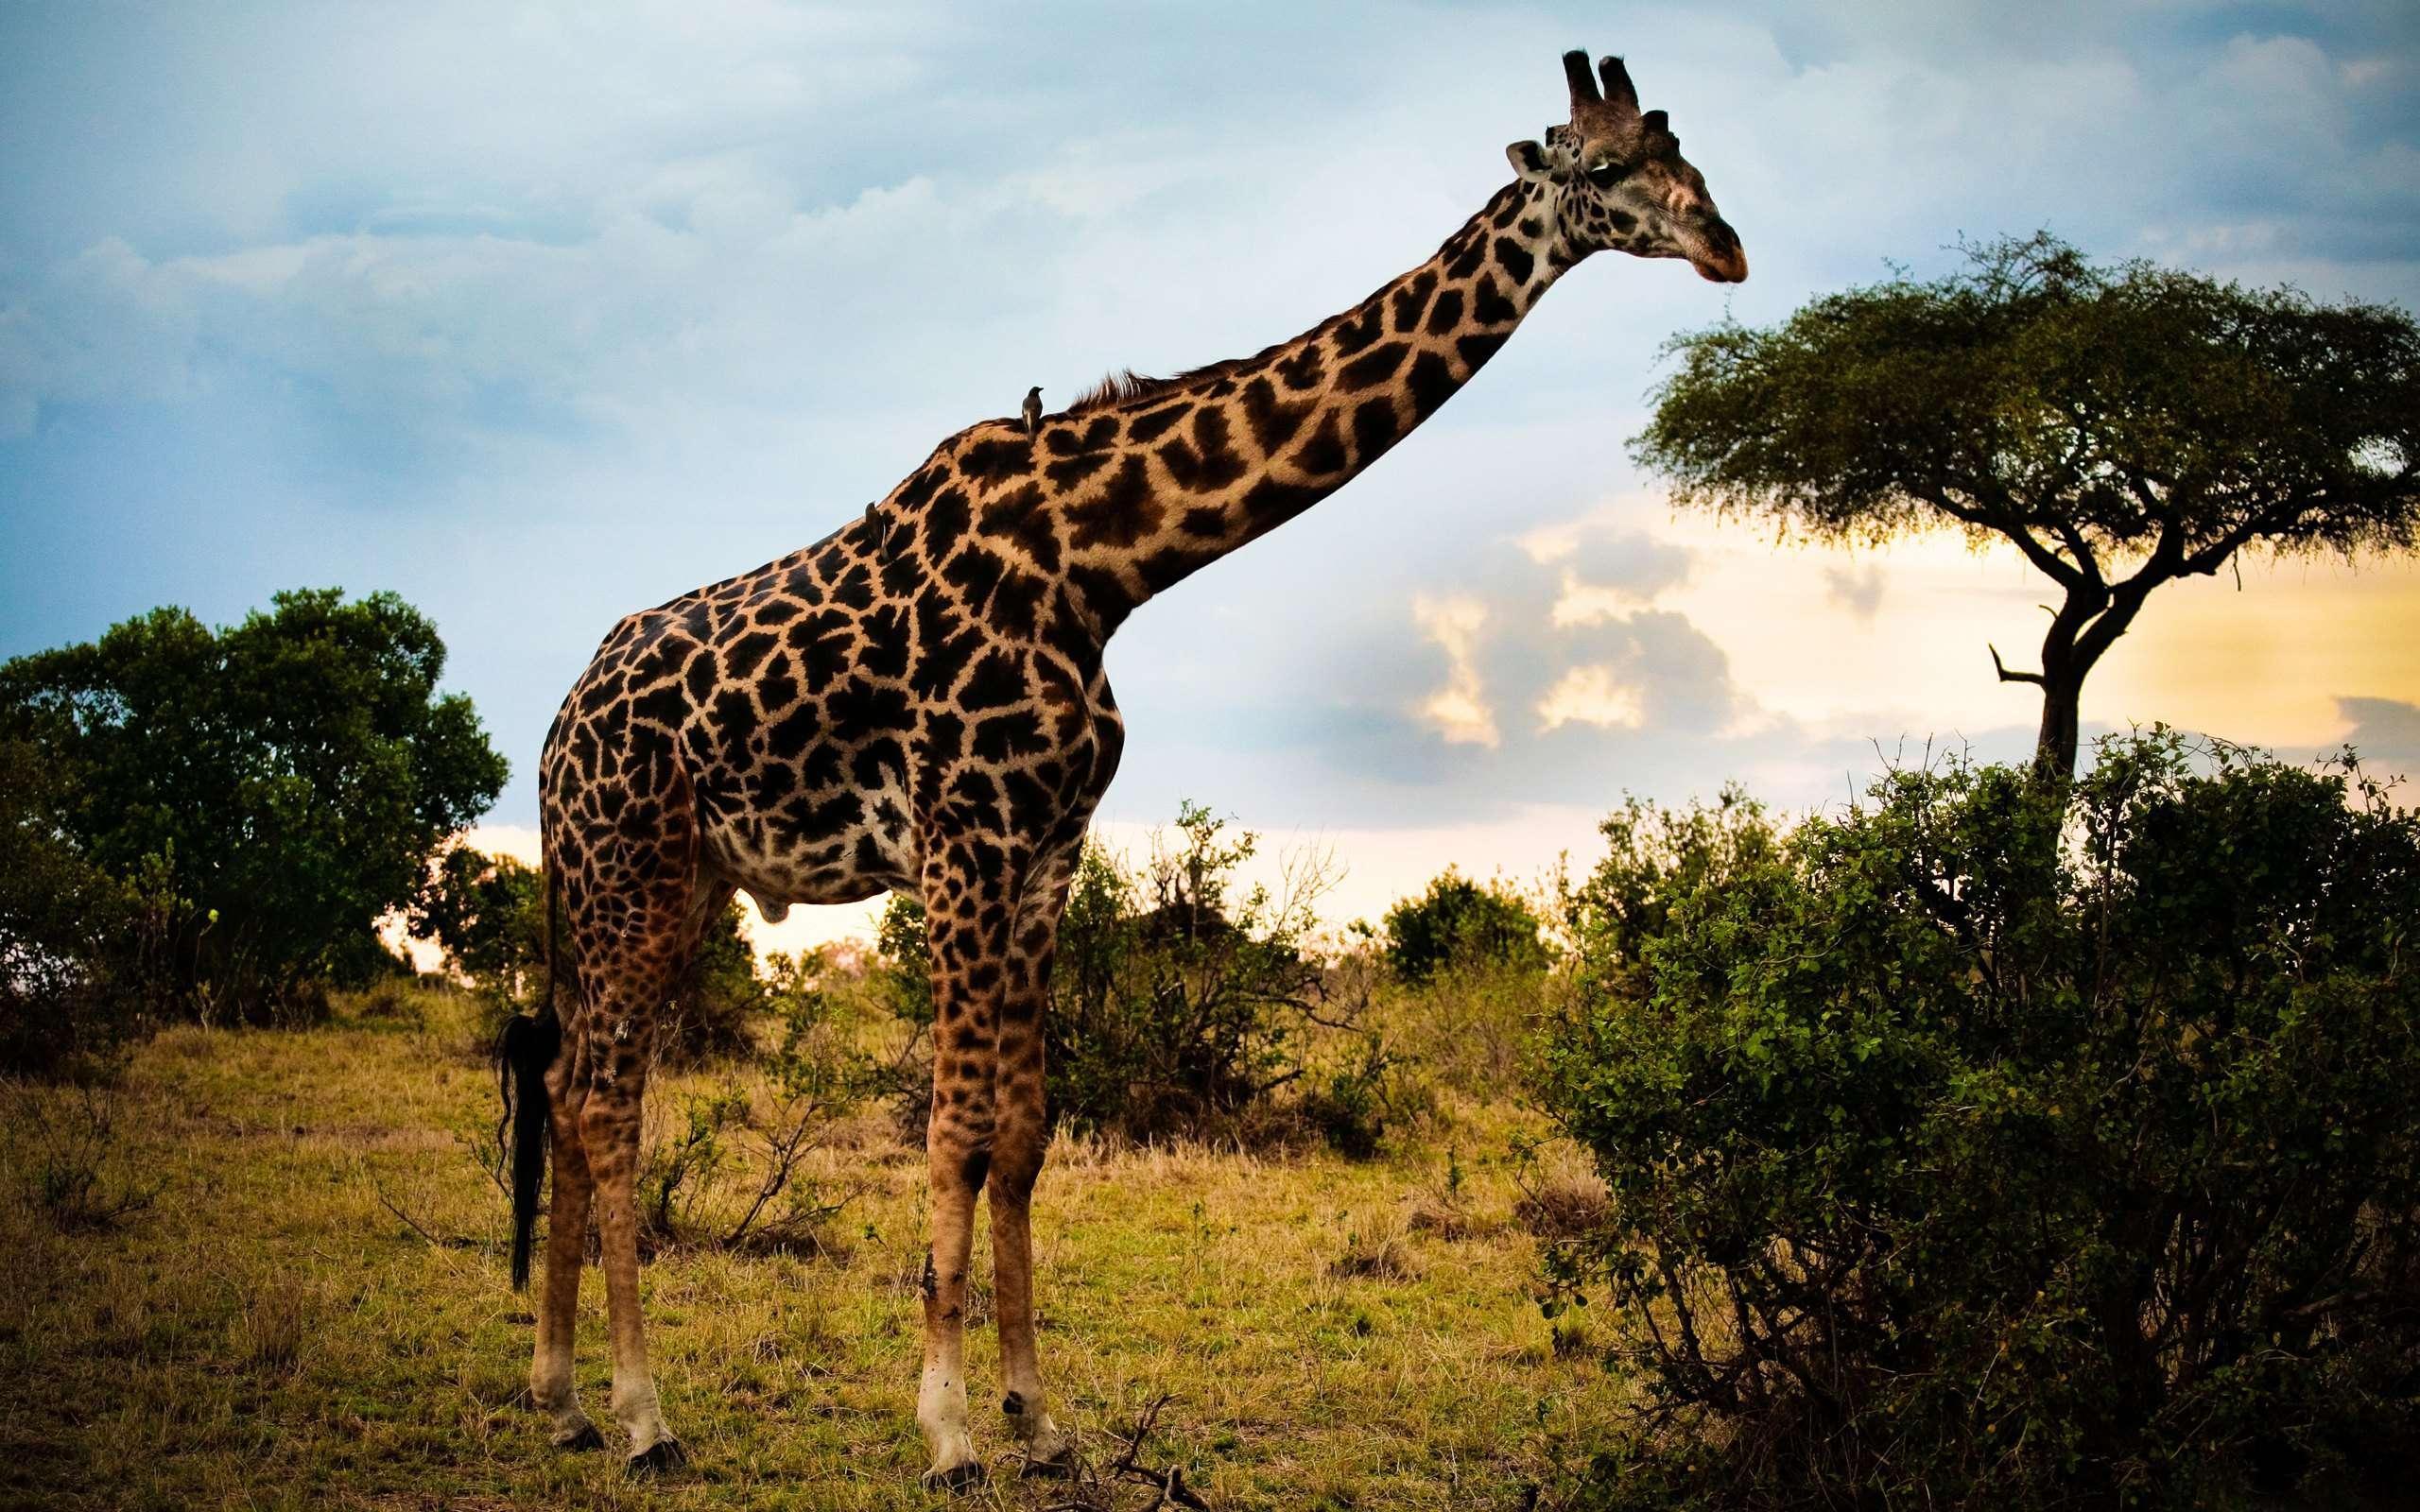 Жираф испугался  № 3895597 бесплатно